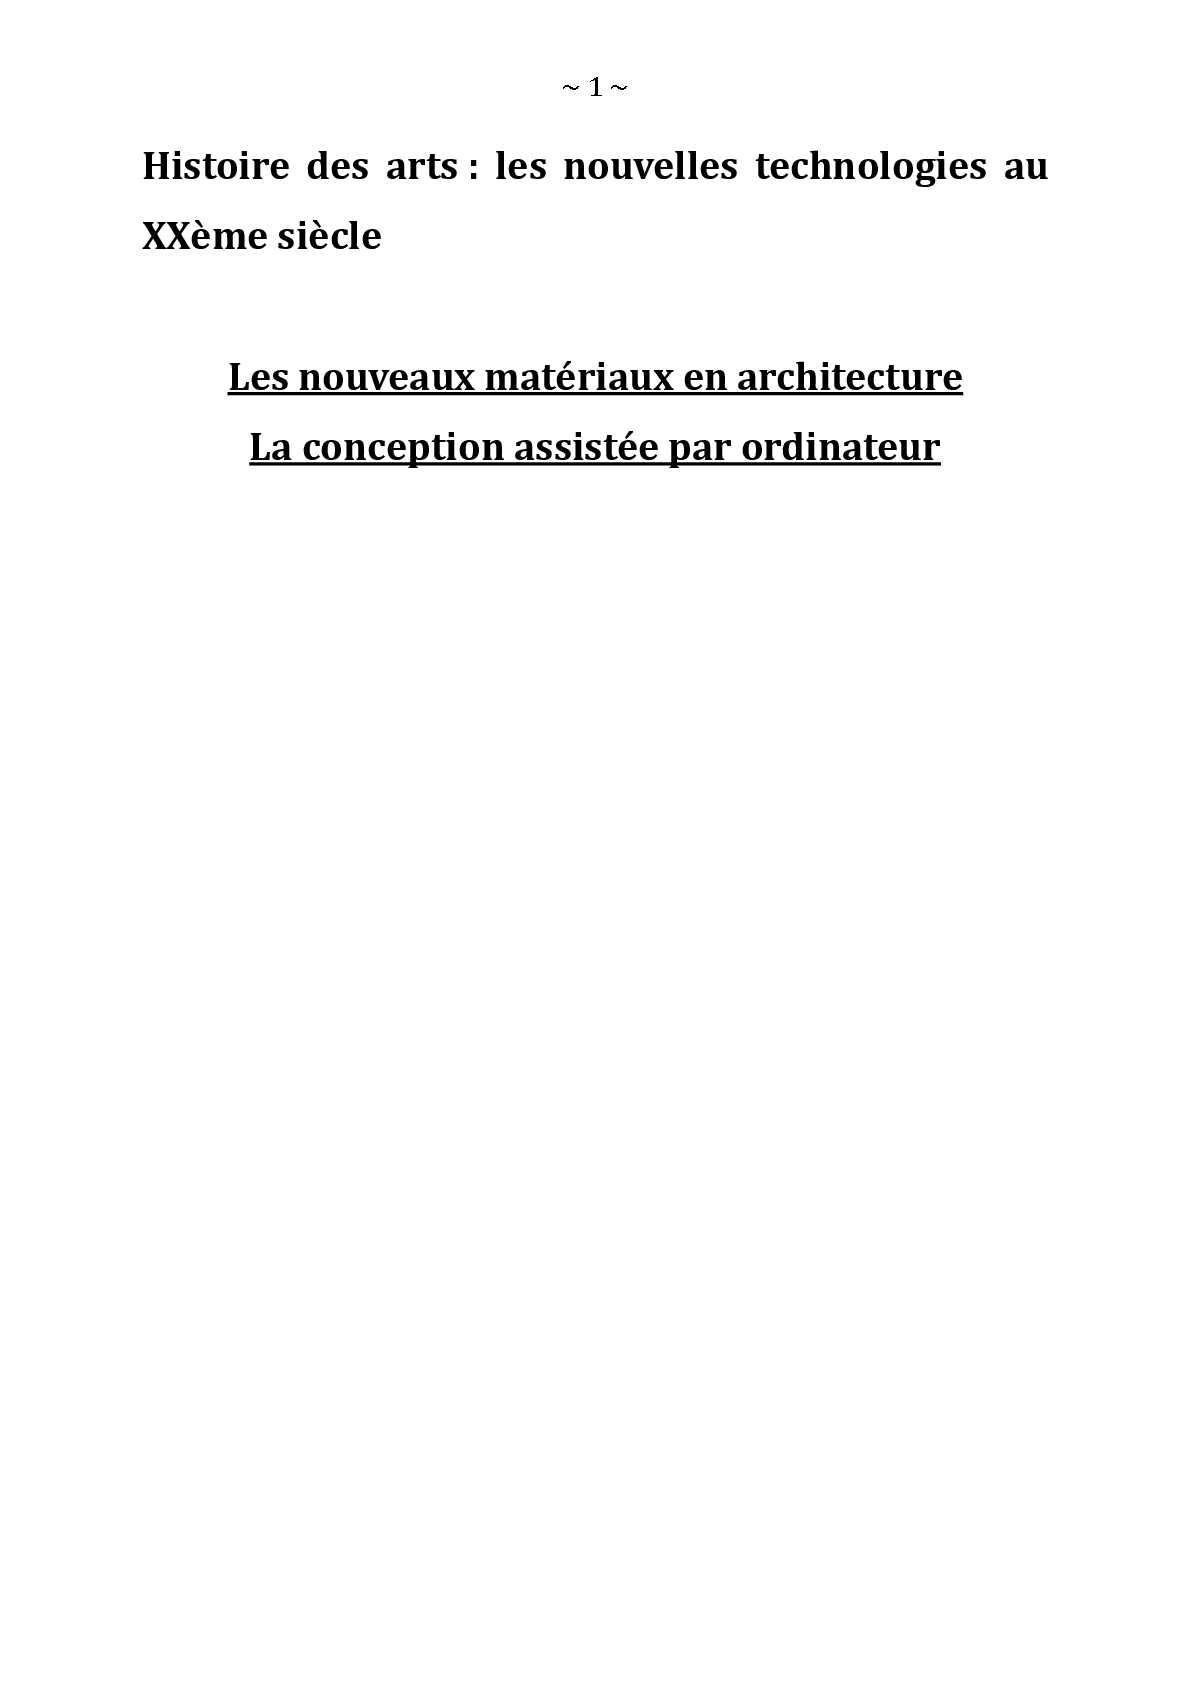 Les nouveaux matériaux en architecture. La conception assistée par ordinateur